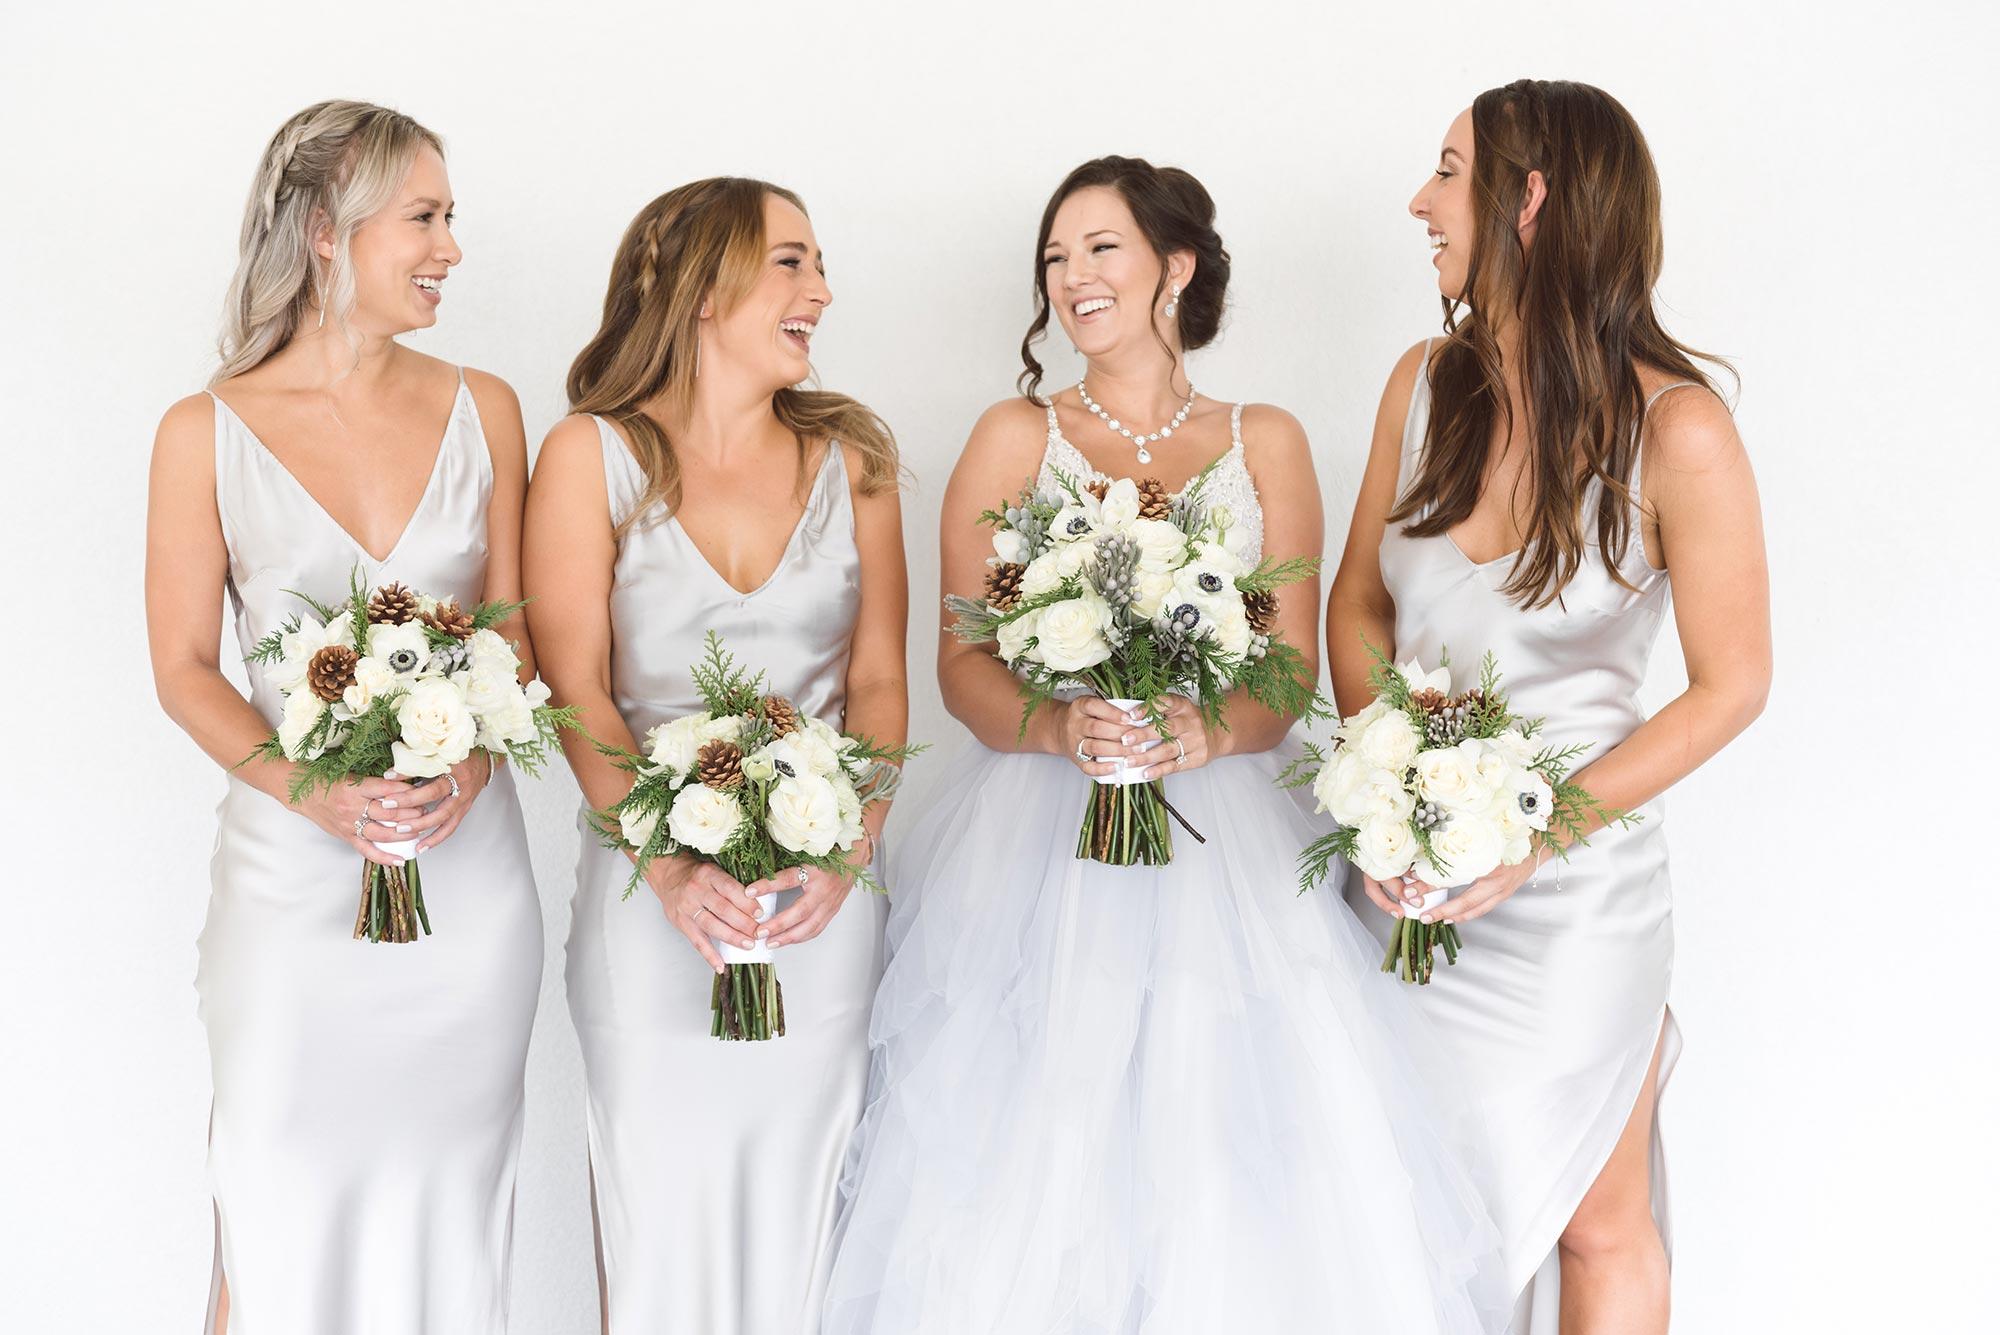 Sarrcha & Philip | An Aussie Winter Wedding in July